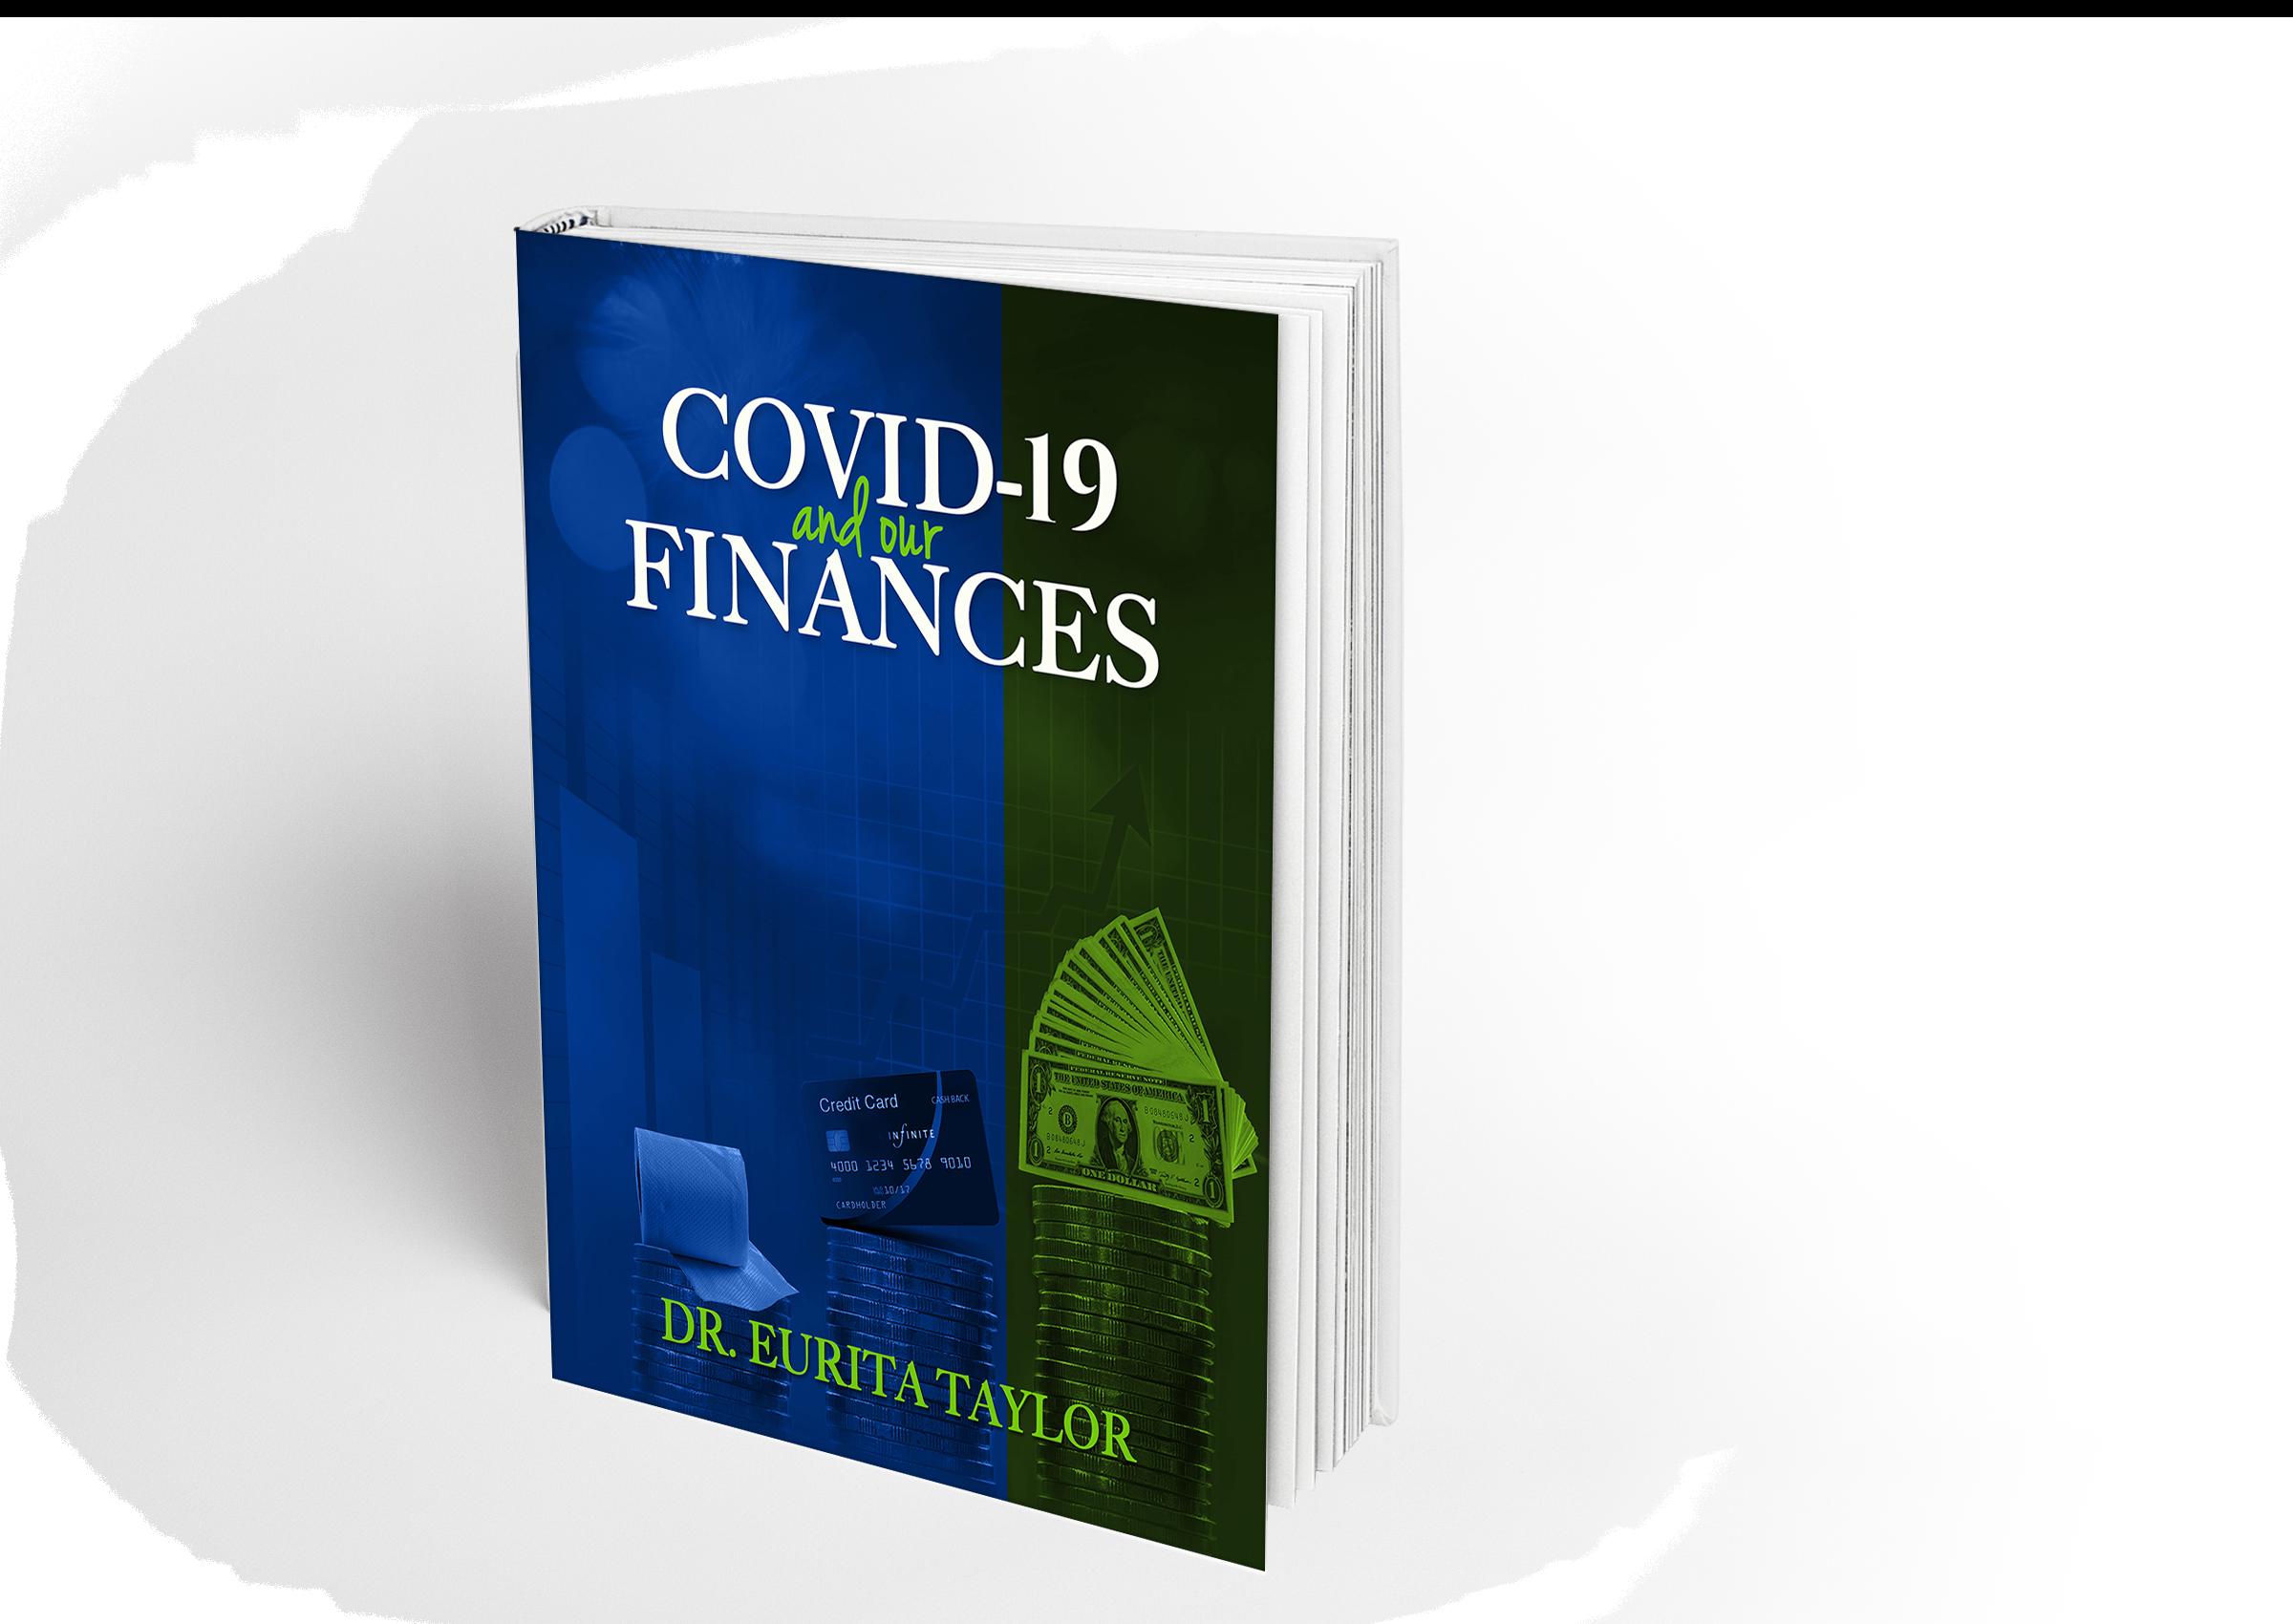 Covid-19-Finances-Book